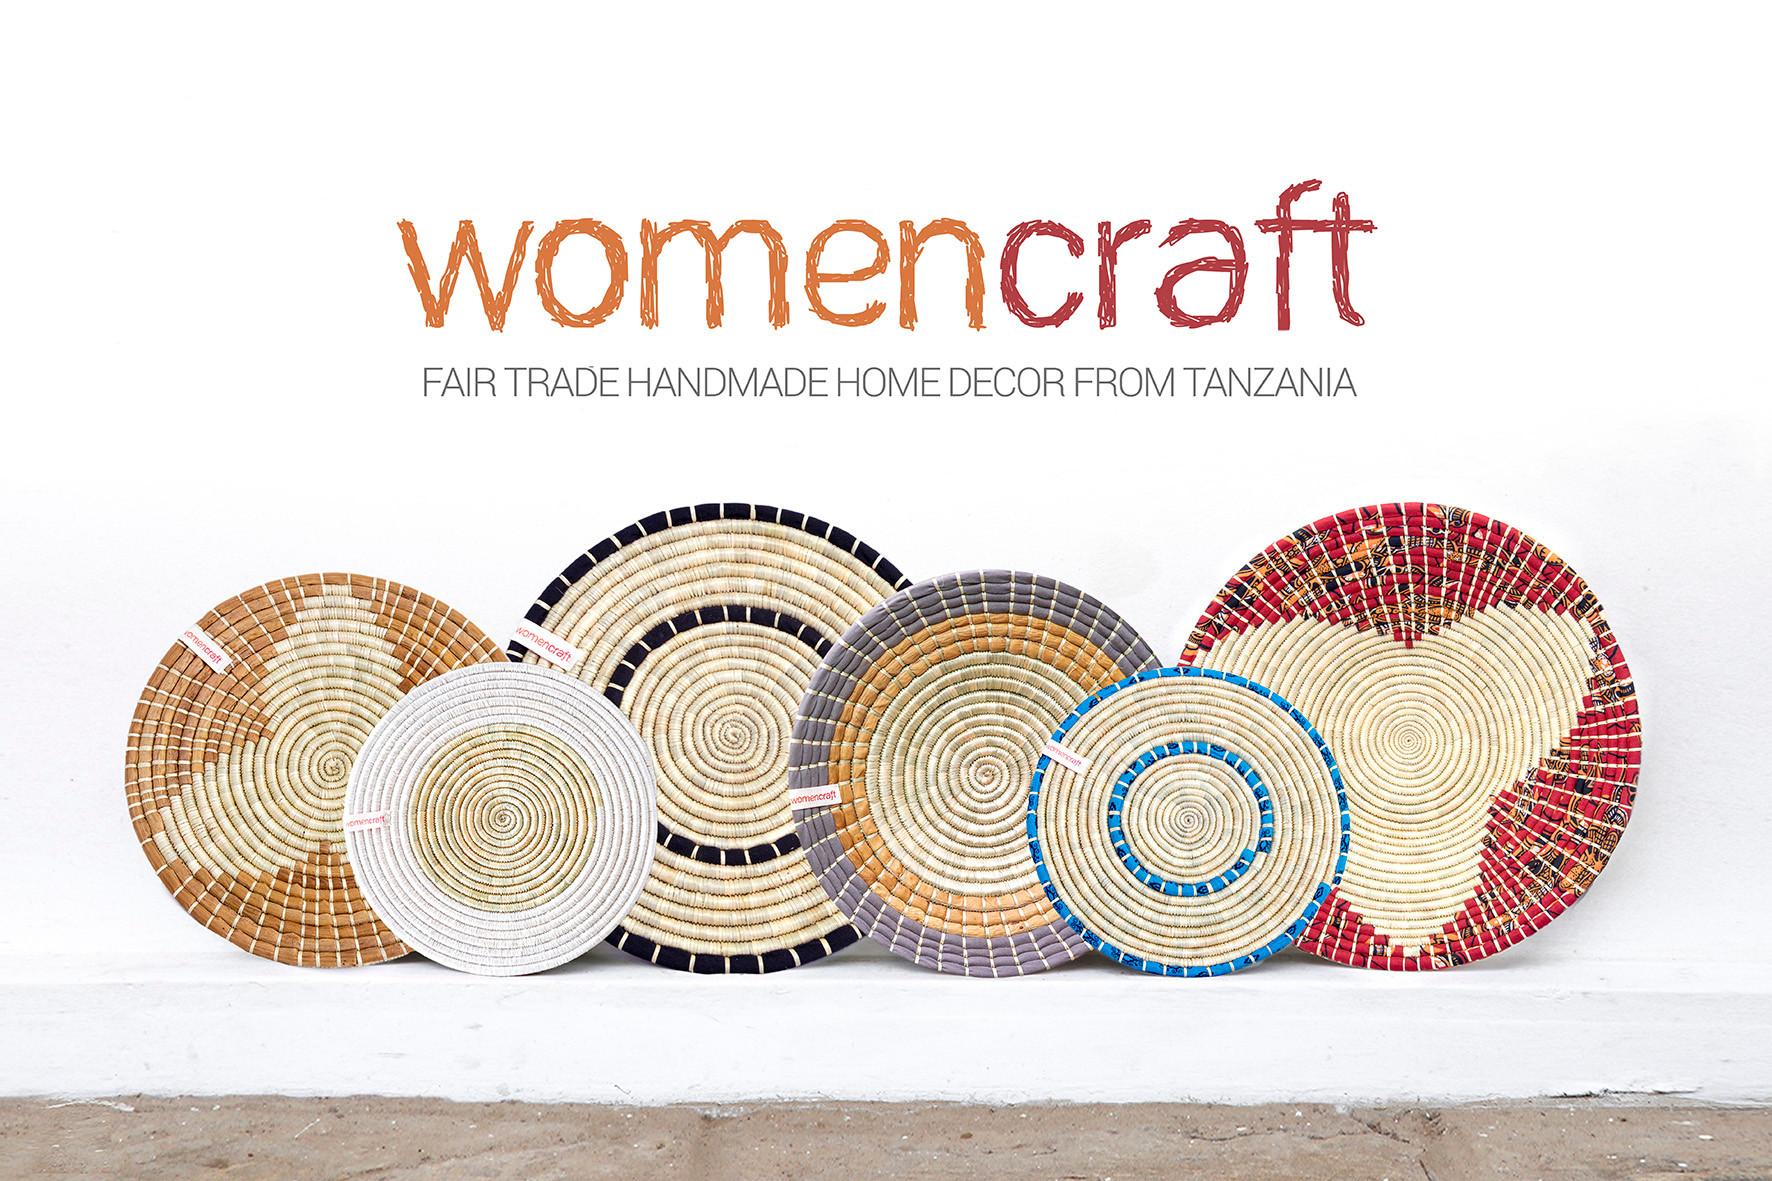 Fair Trade Home Decor